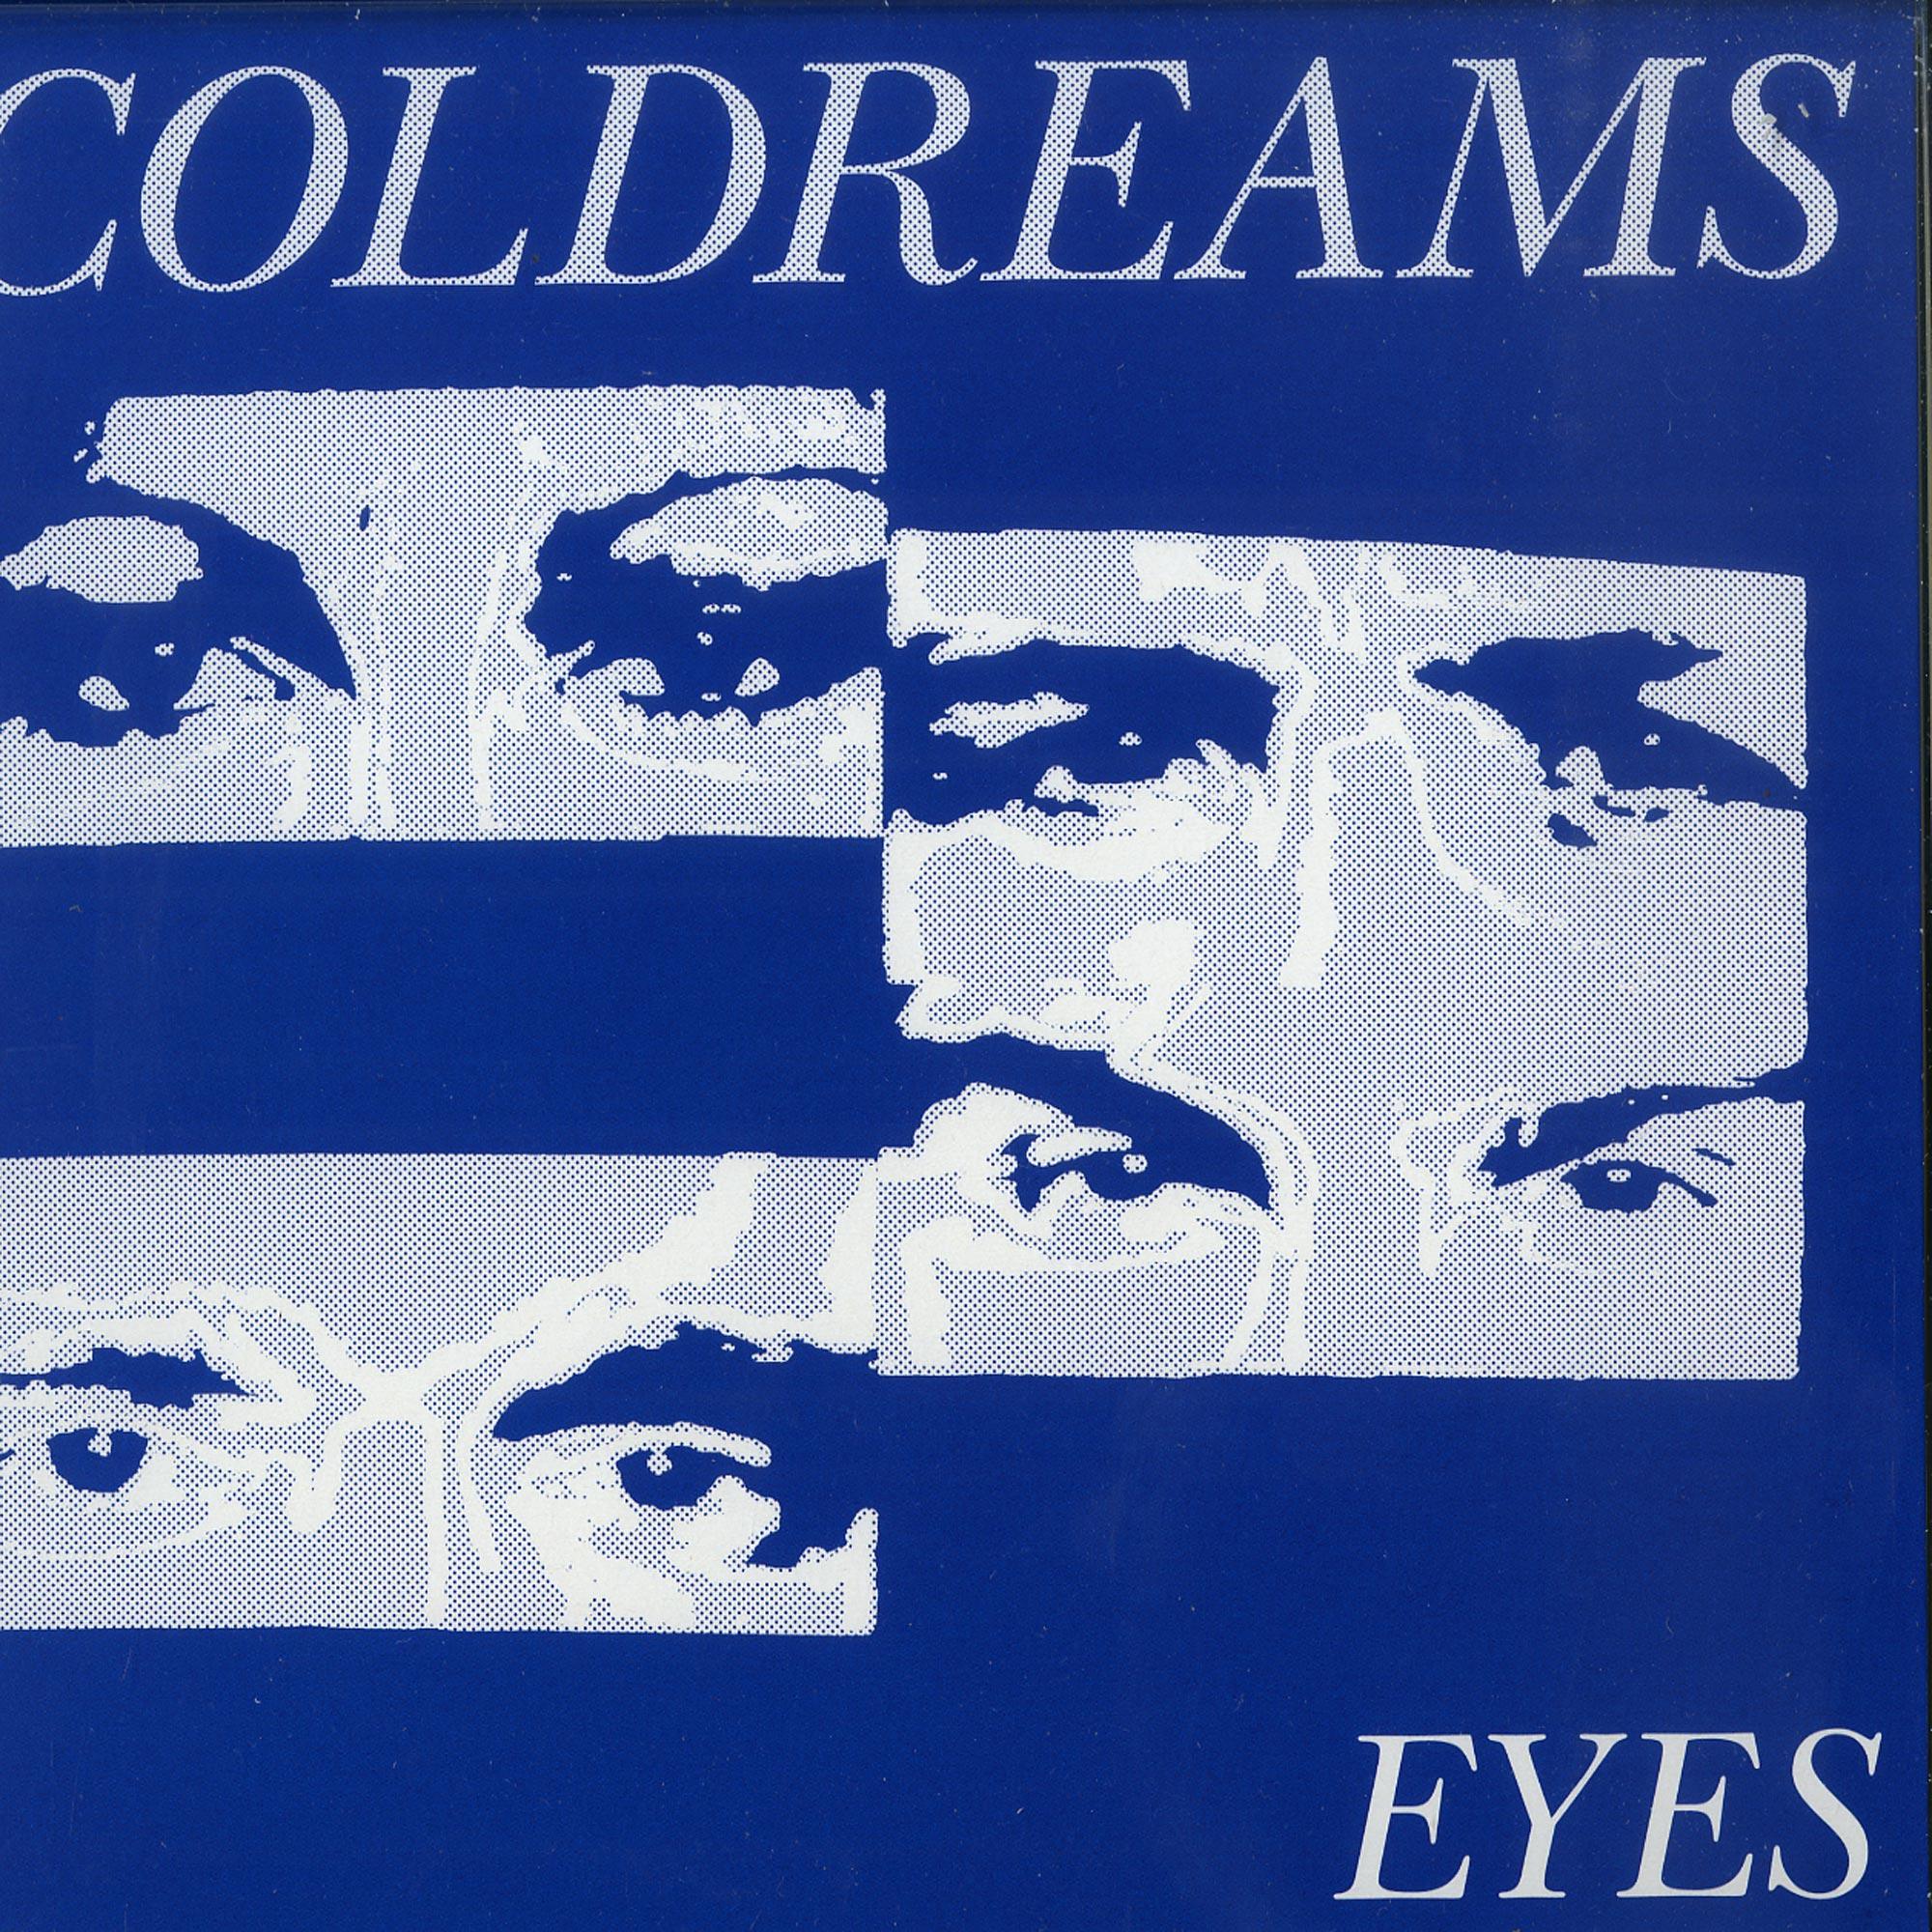 Coldreams - EYES / MORNING RAIN